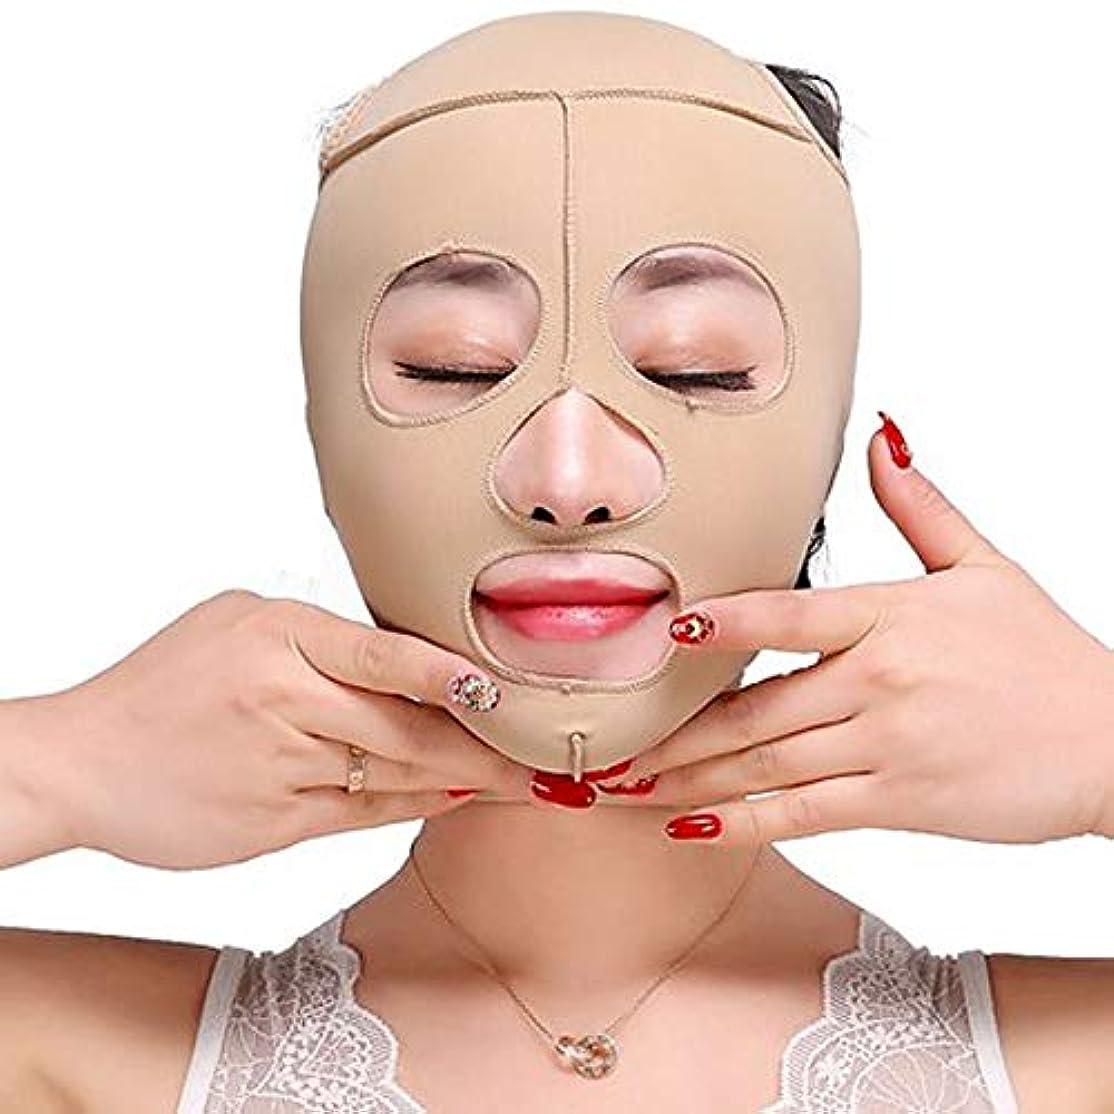 雄弁剥離一過性TLMY フェイシャルリフティングフェイシャルVマスクダブルあご薄い顔包帯抗シワリフティングチークライン 顔用整形マスク (Size : L)